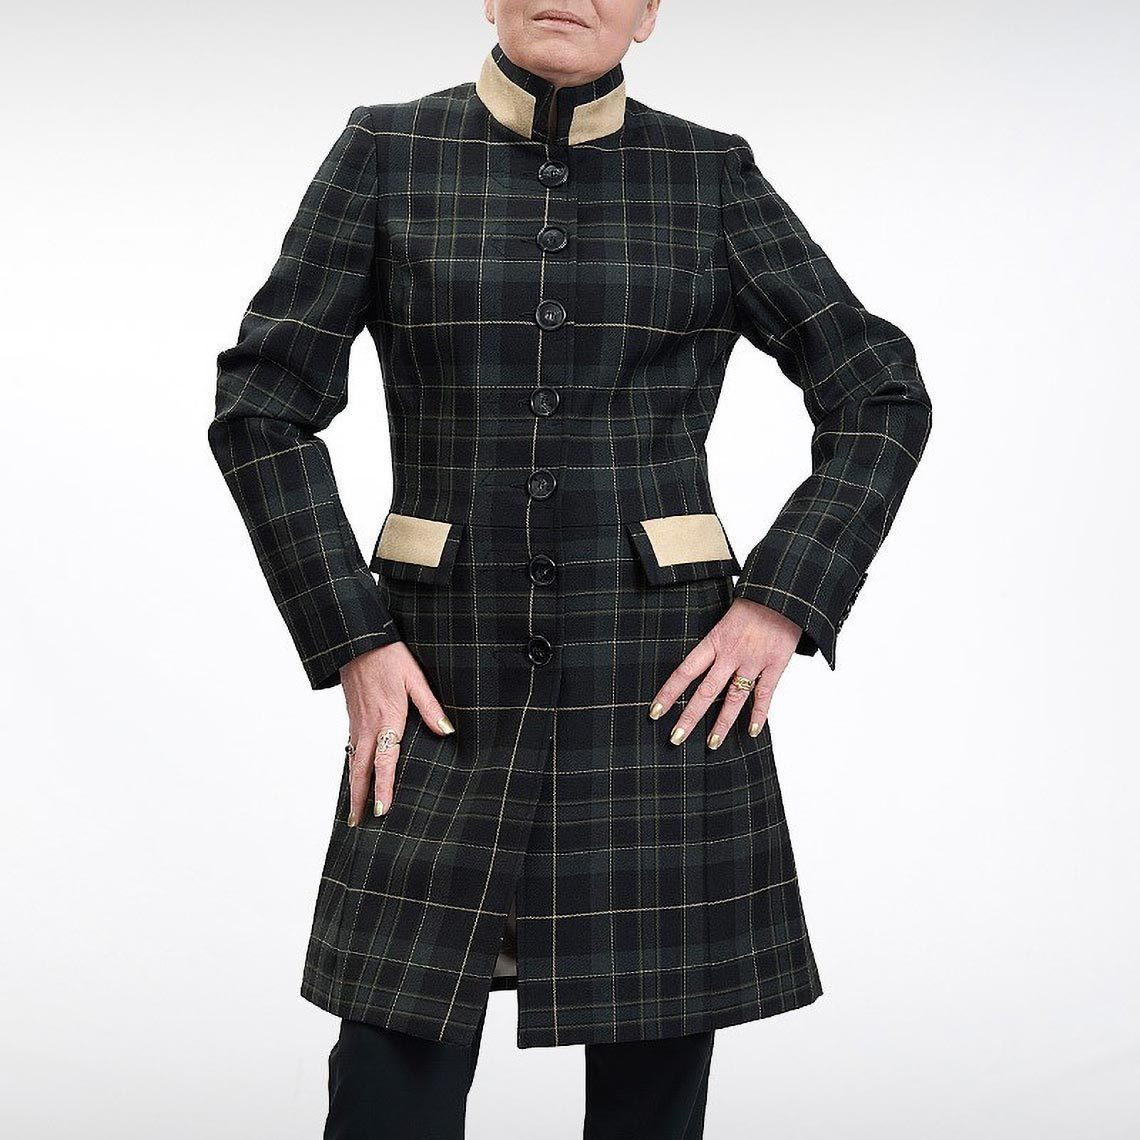 Tartan Tailored Coat - Hunting Pride